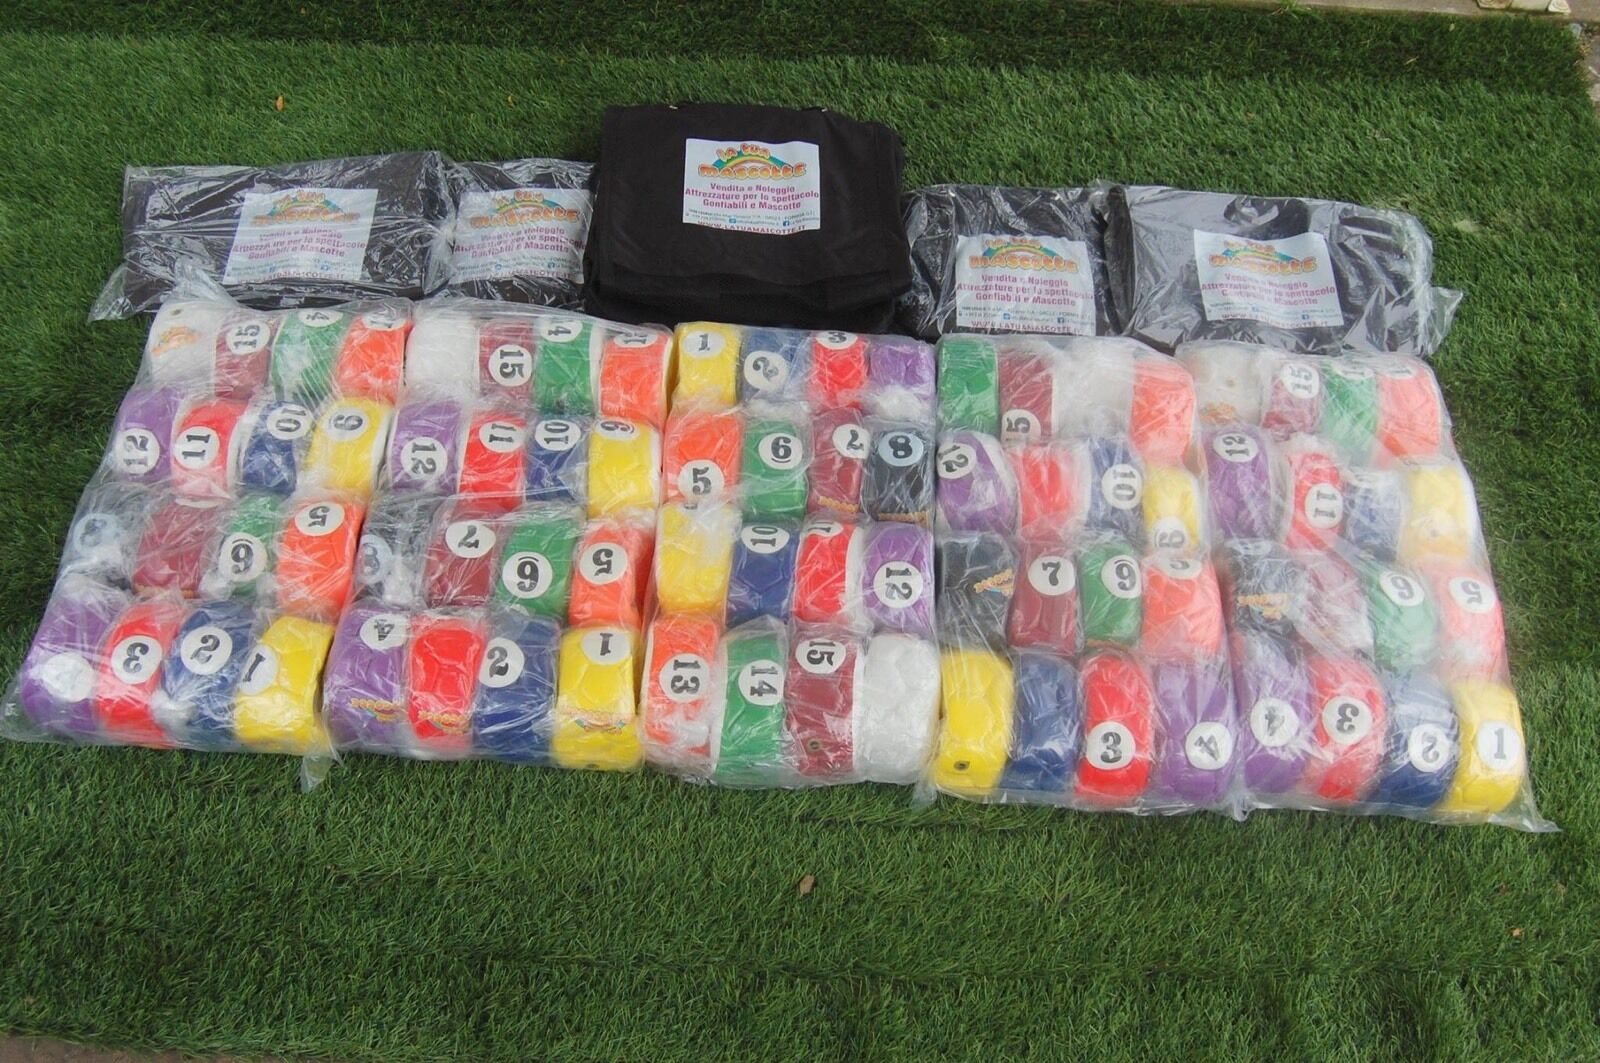 Set Palloni Calciobiliardo Professionali calcio biliardo  In Cuoio Cuoio Cuoio Pallone Num 3 971021